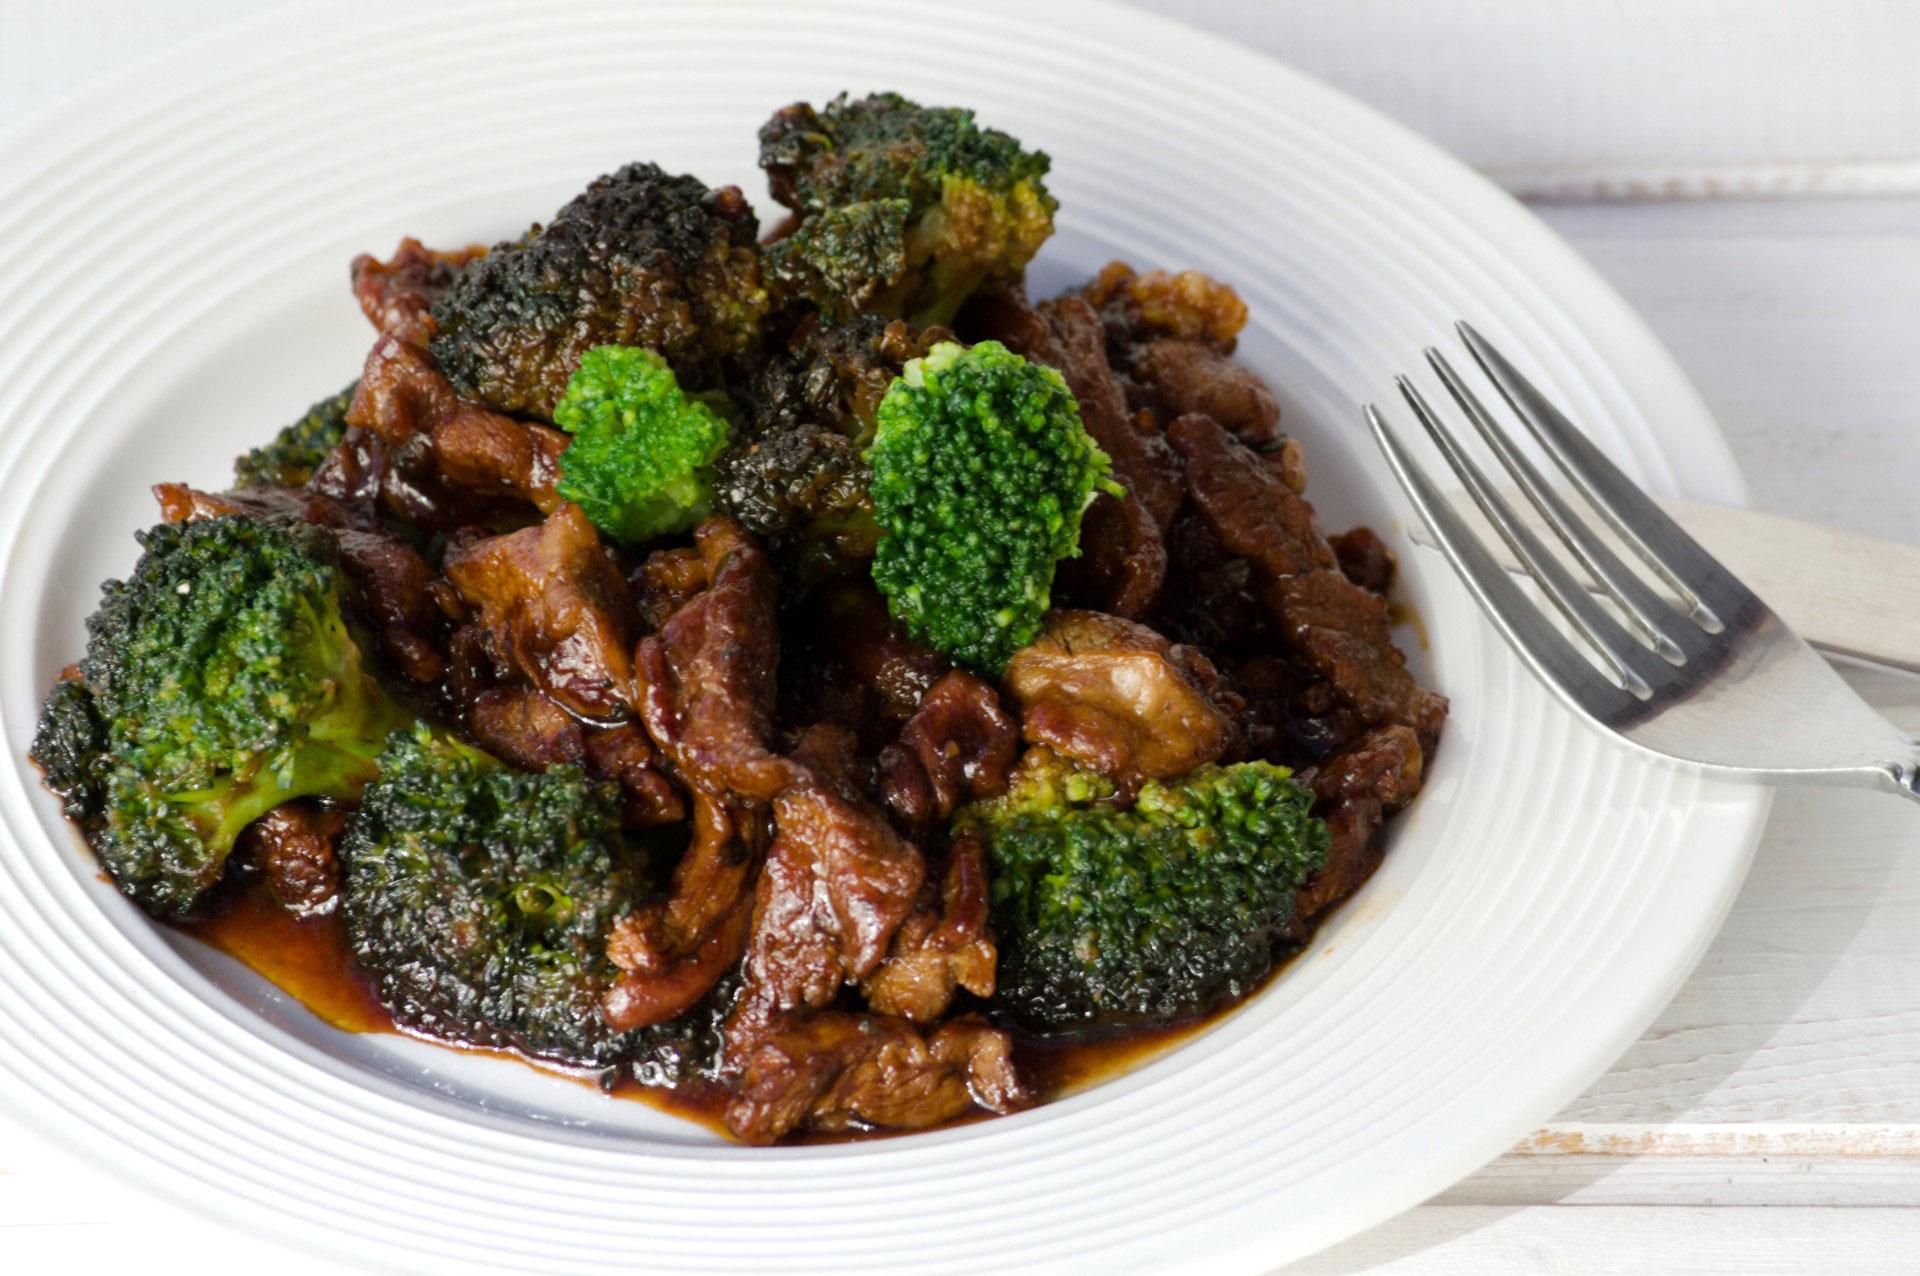 venison-and-broccoli